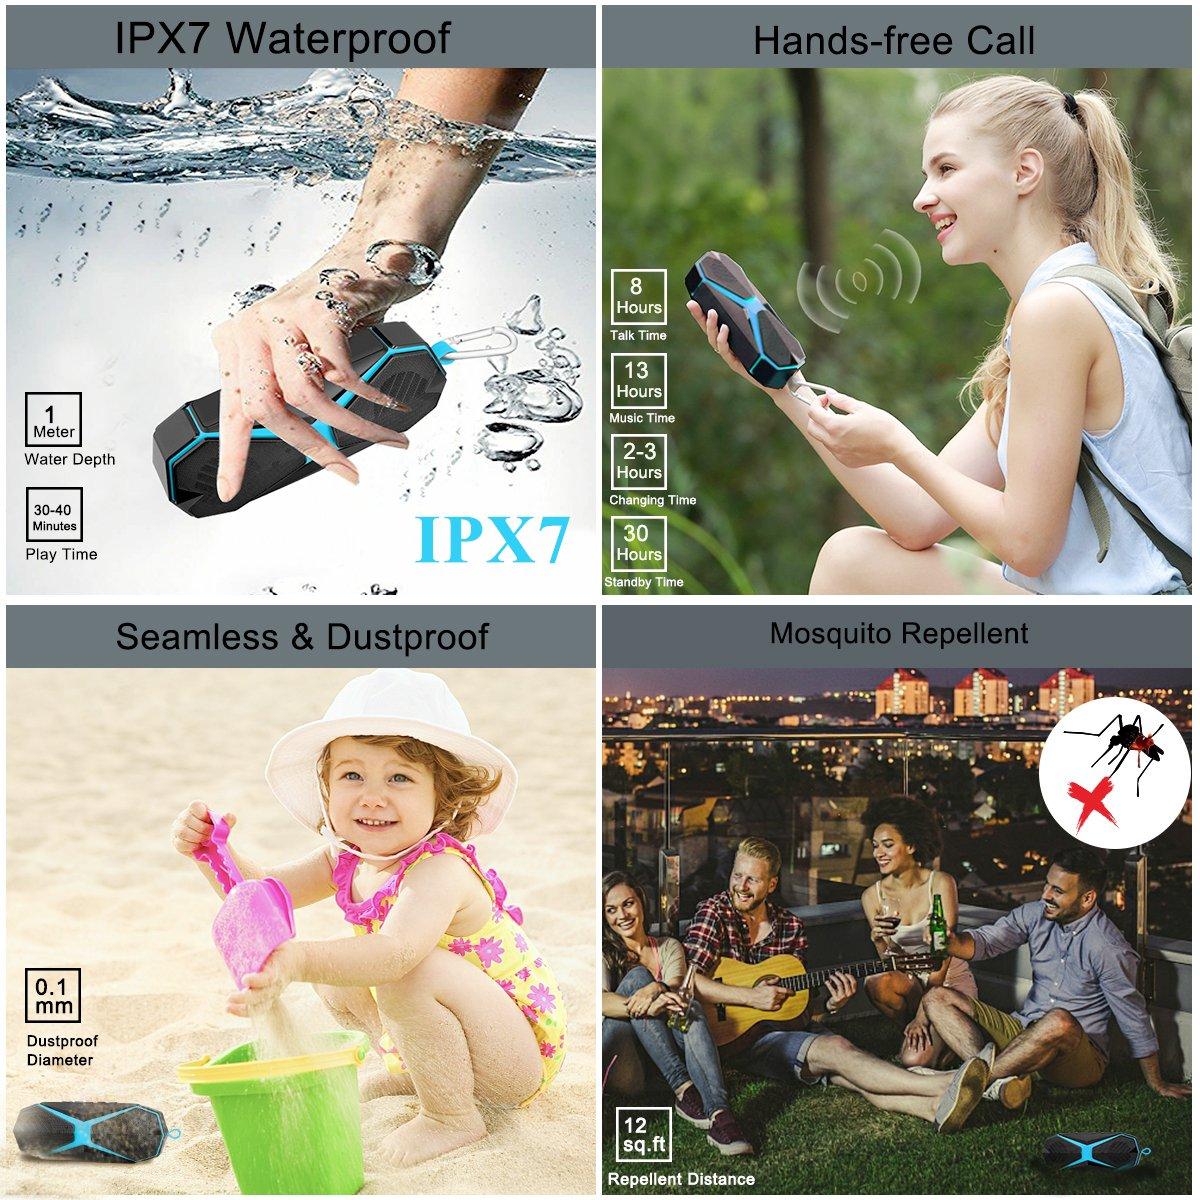 iphone ordinateur po Carte TF Support ipad Compatible avec ios et Android Enceintes Exterieur Mini Speaker Repellent IPX7 Etanche Mains Libres T/él/éphone Haut-Parleur Portable Sans Fil Waterproof St/ér/éo Enceinte Bluetooth